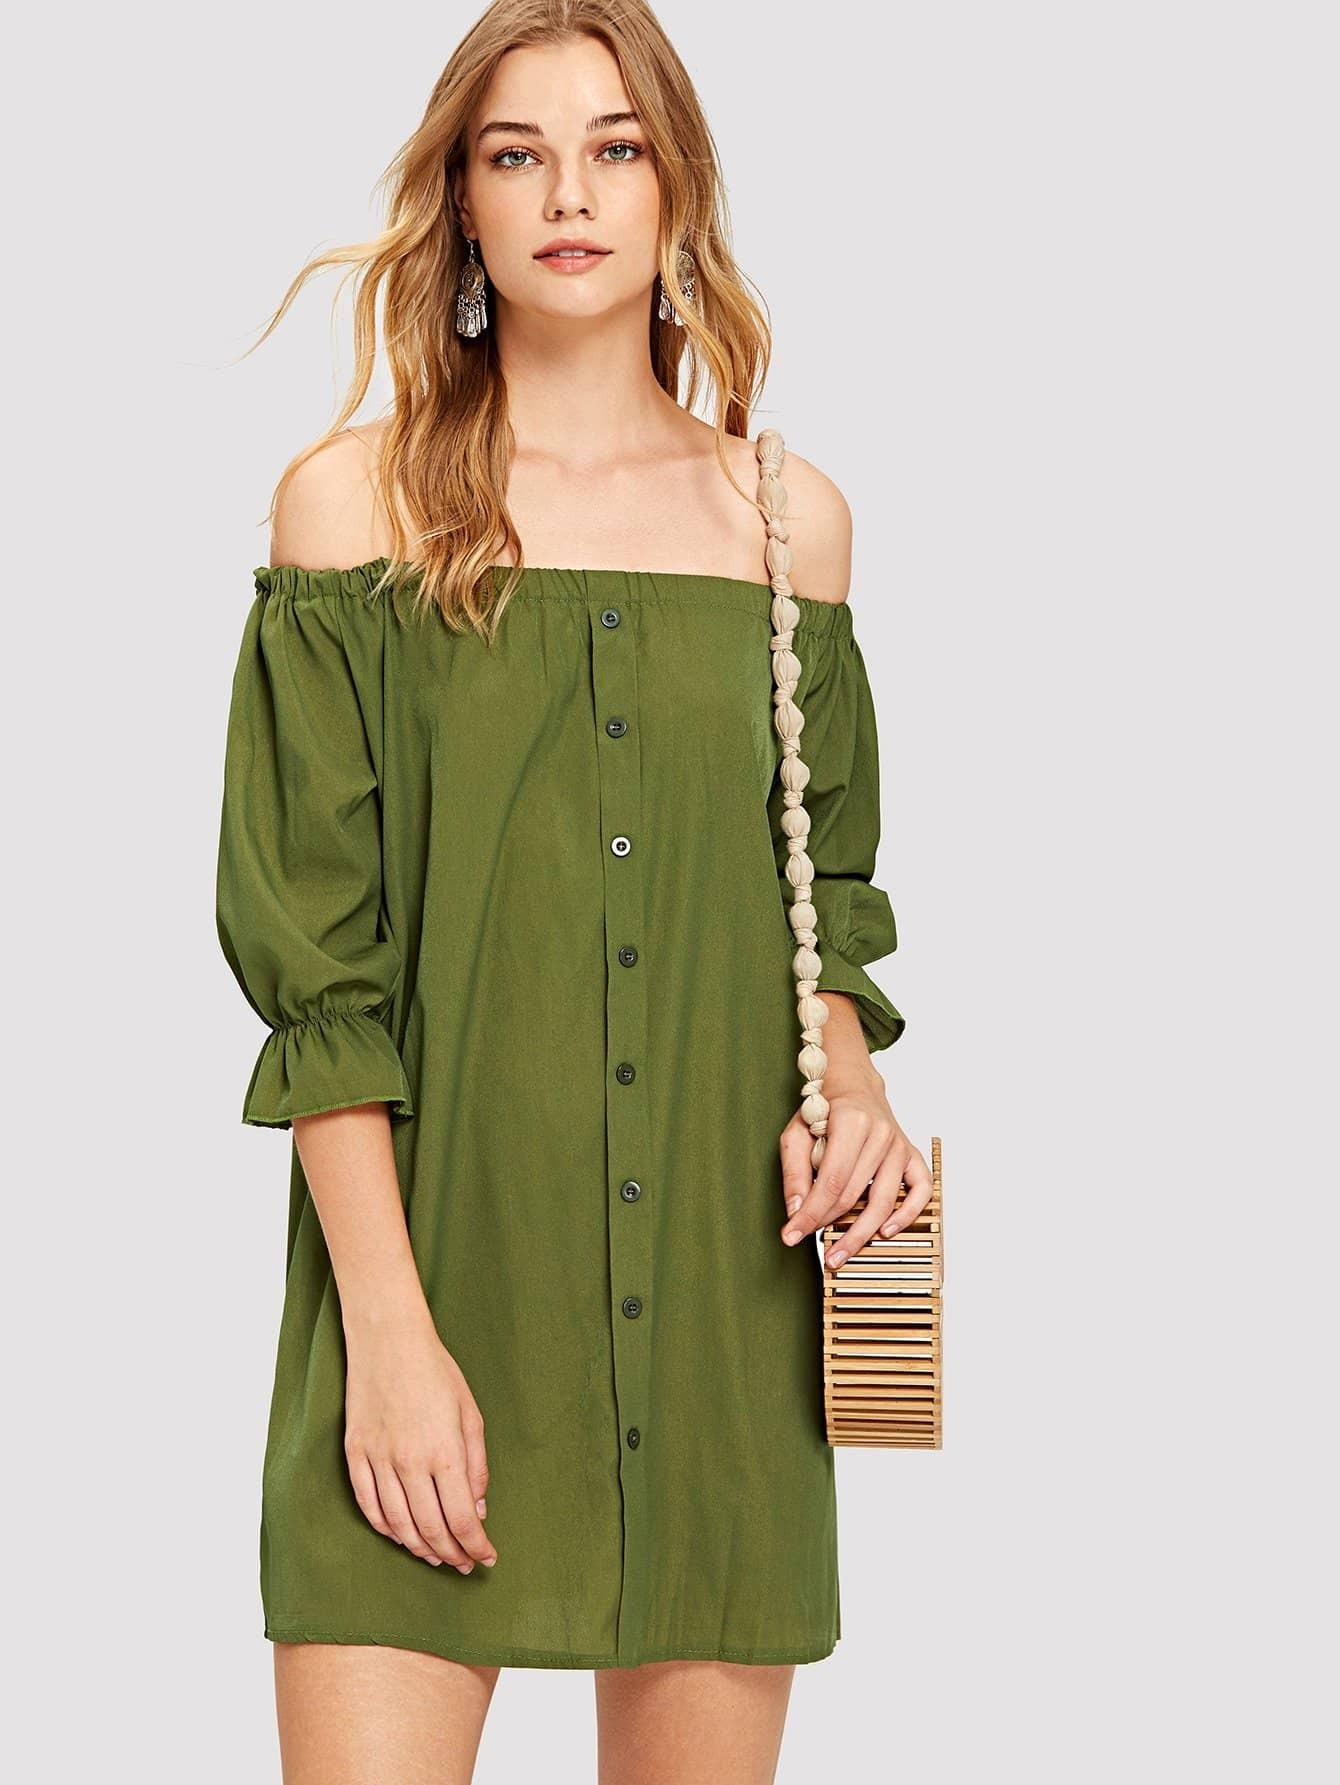 Купить Платье с открытыми плечами с пуговицами, Teresa, SheIn